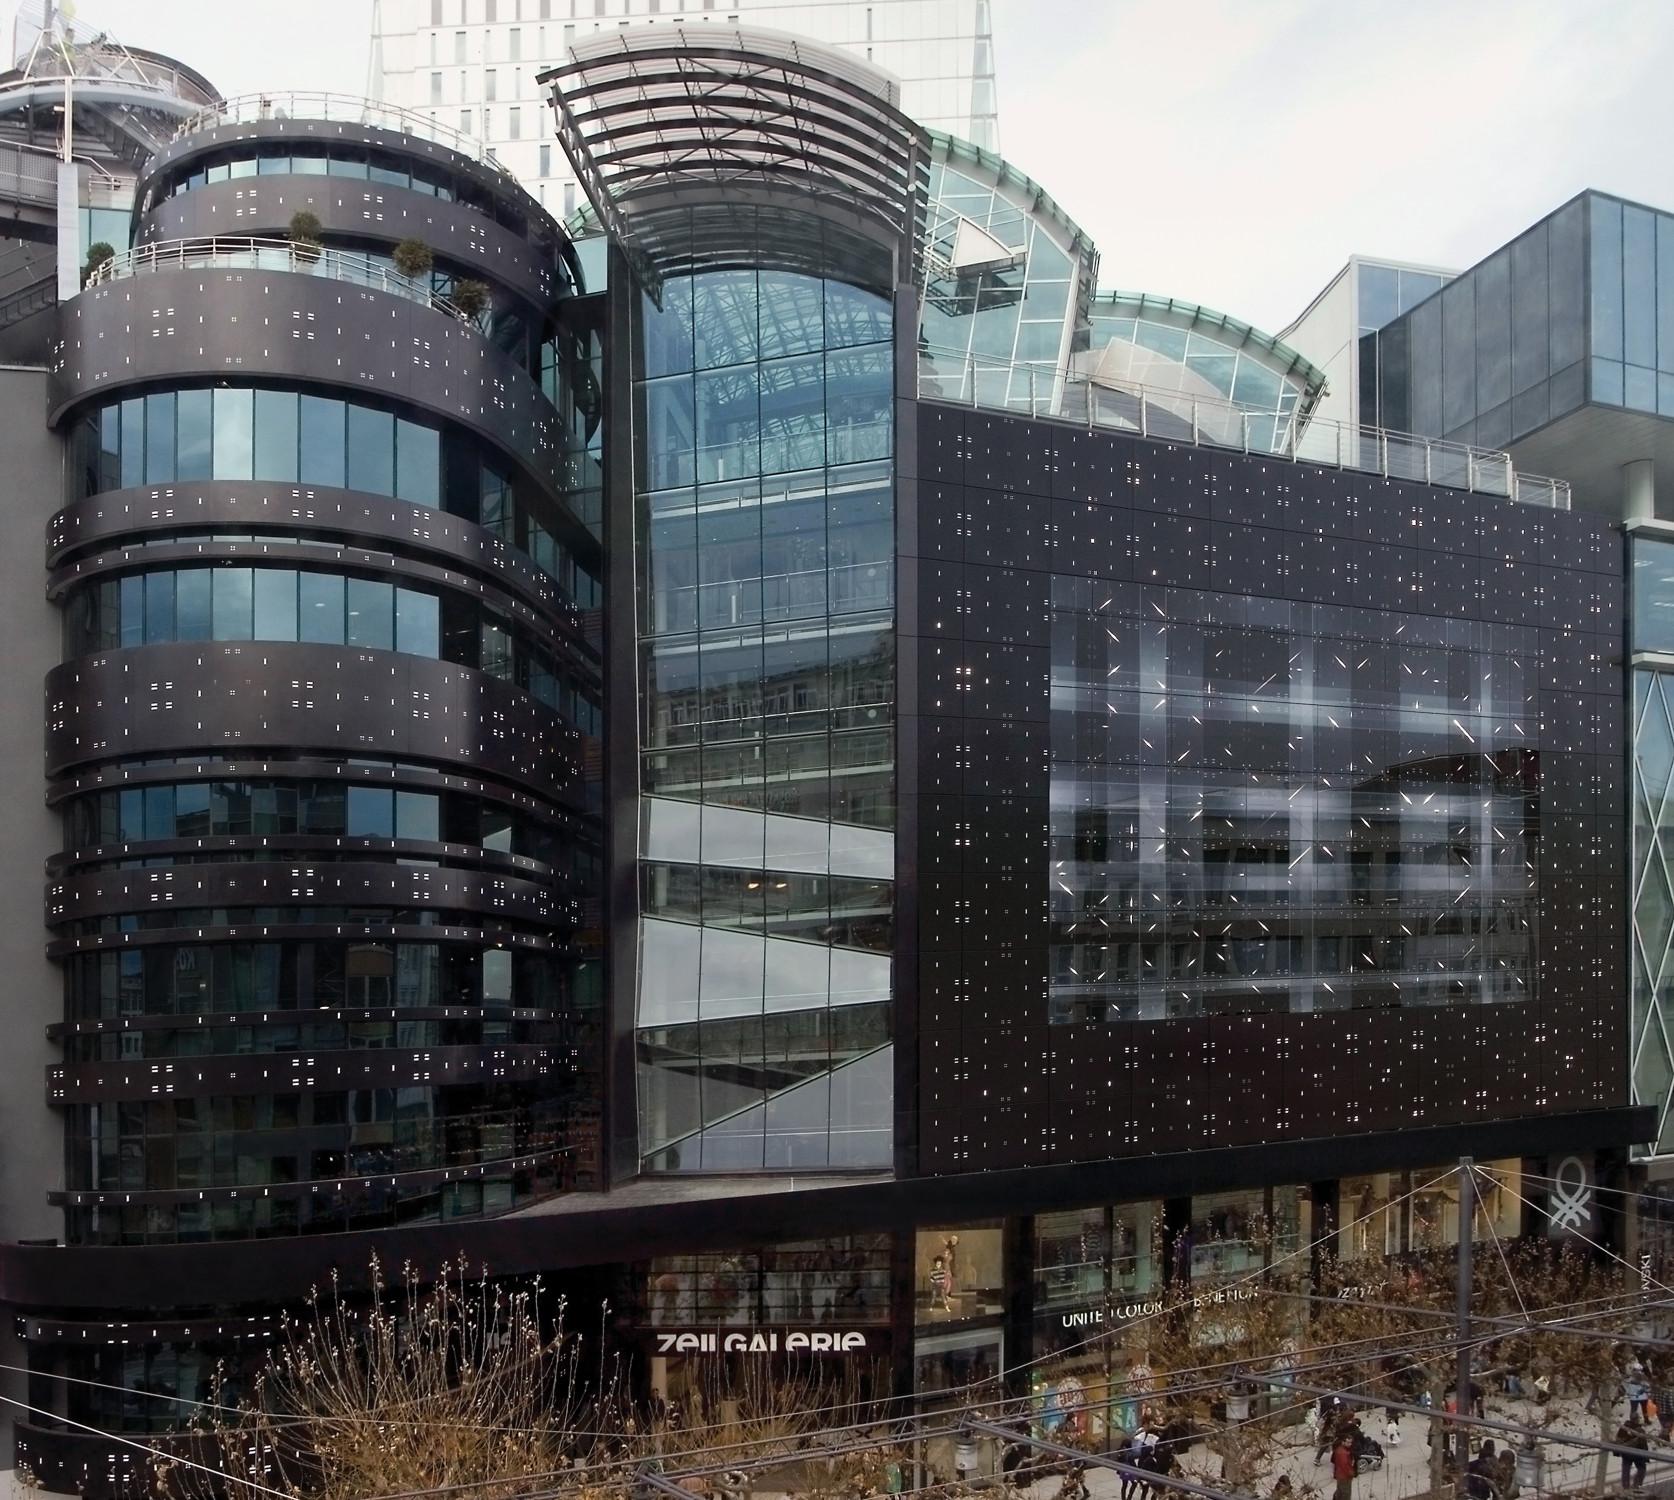 Neugestaltung der zeilgalerie in frankfurt glas for Industrial design frankfurt